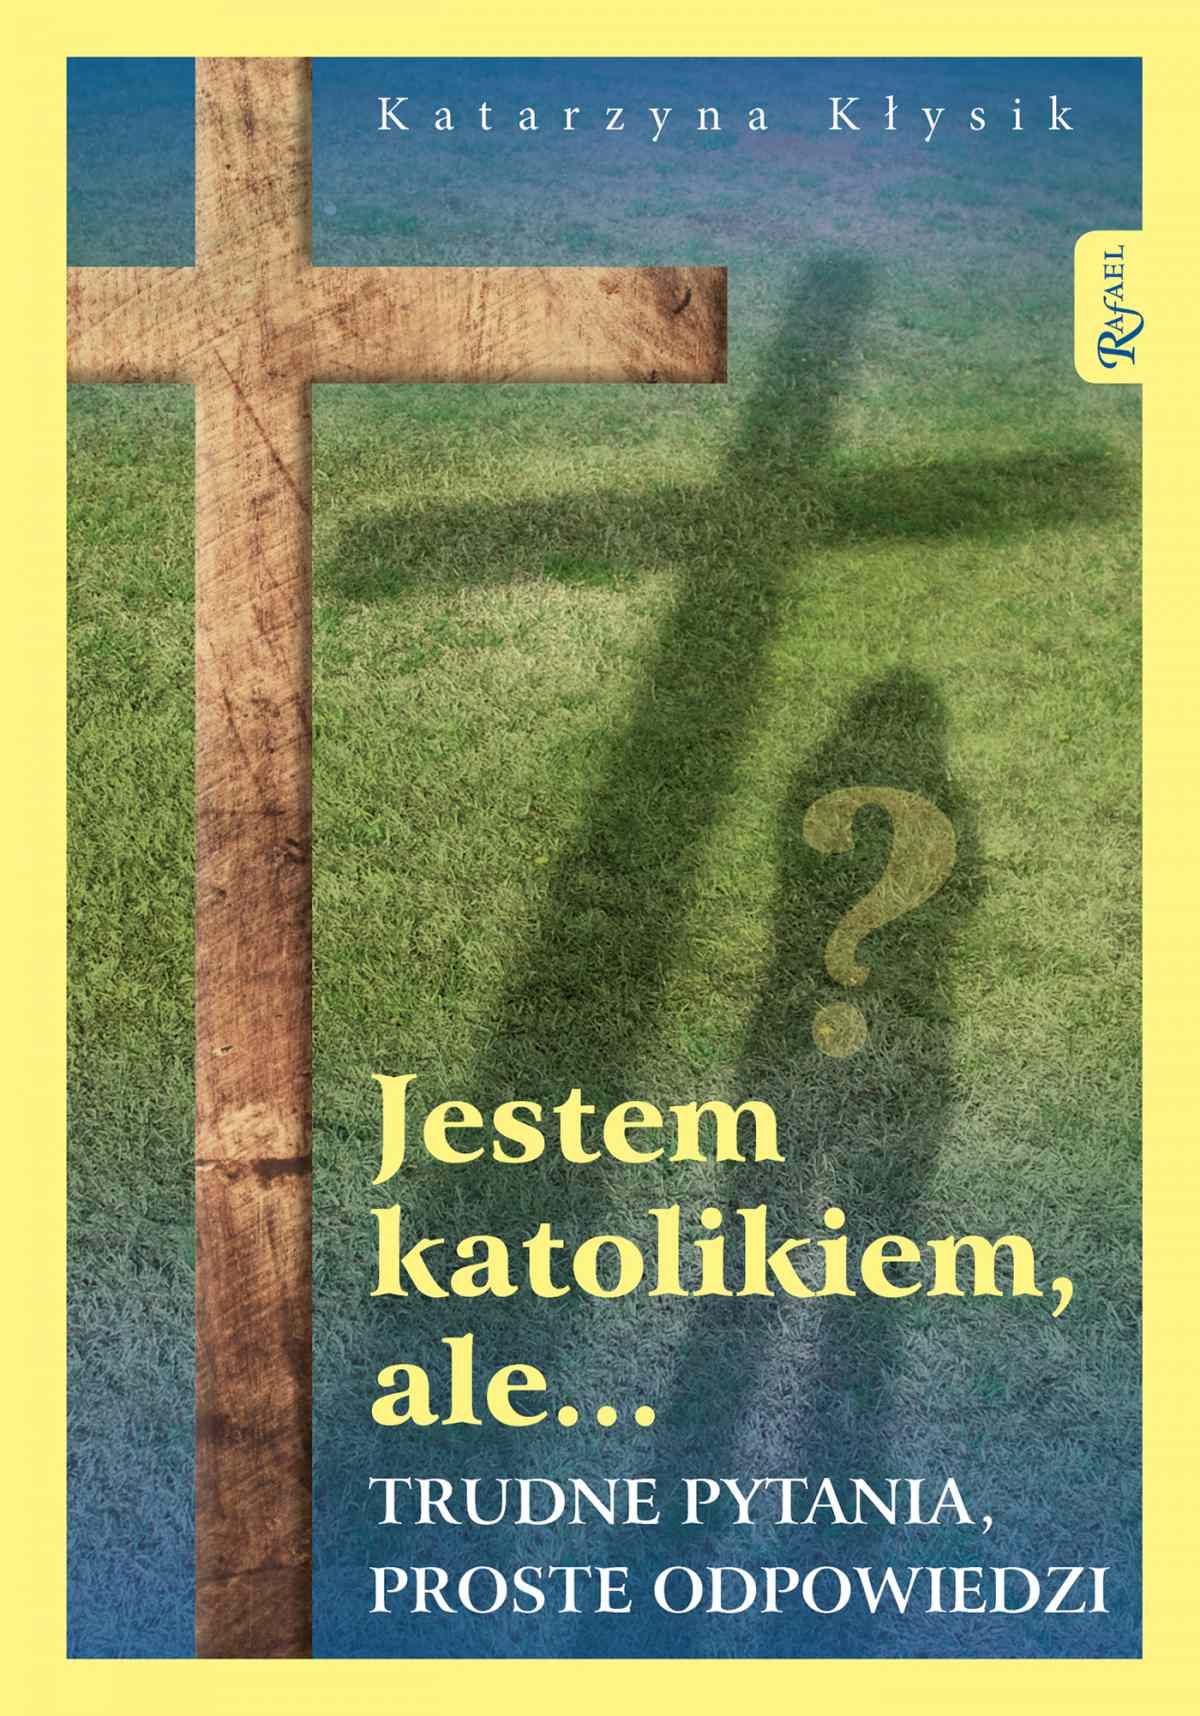 Jestem katolikiem, ale... Trudne pytania, proste odpowiedzi - Ebook (Książka na Kindle) do pobrania w formacie MOBI